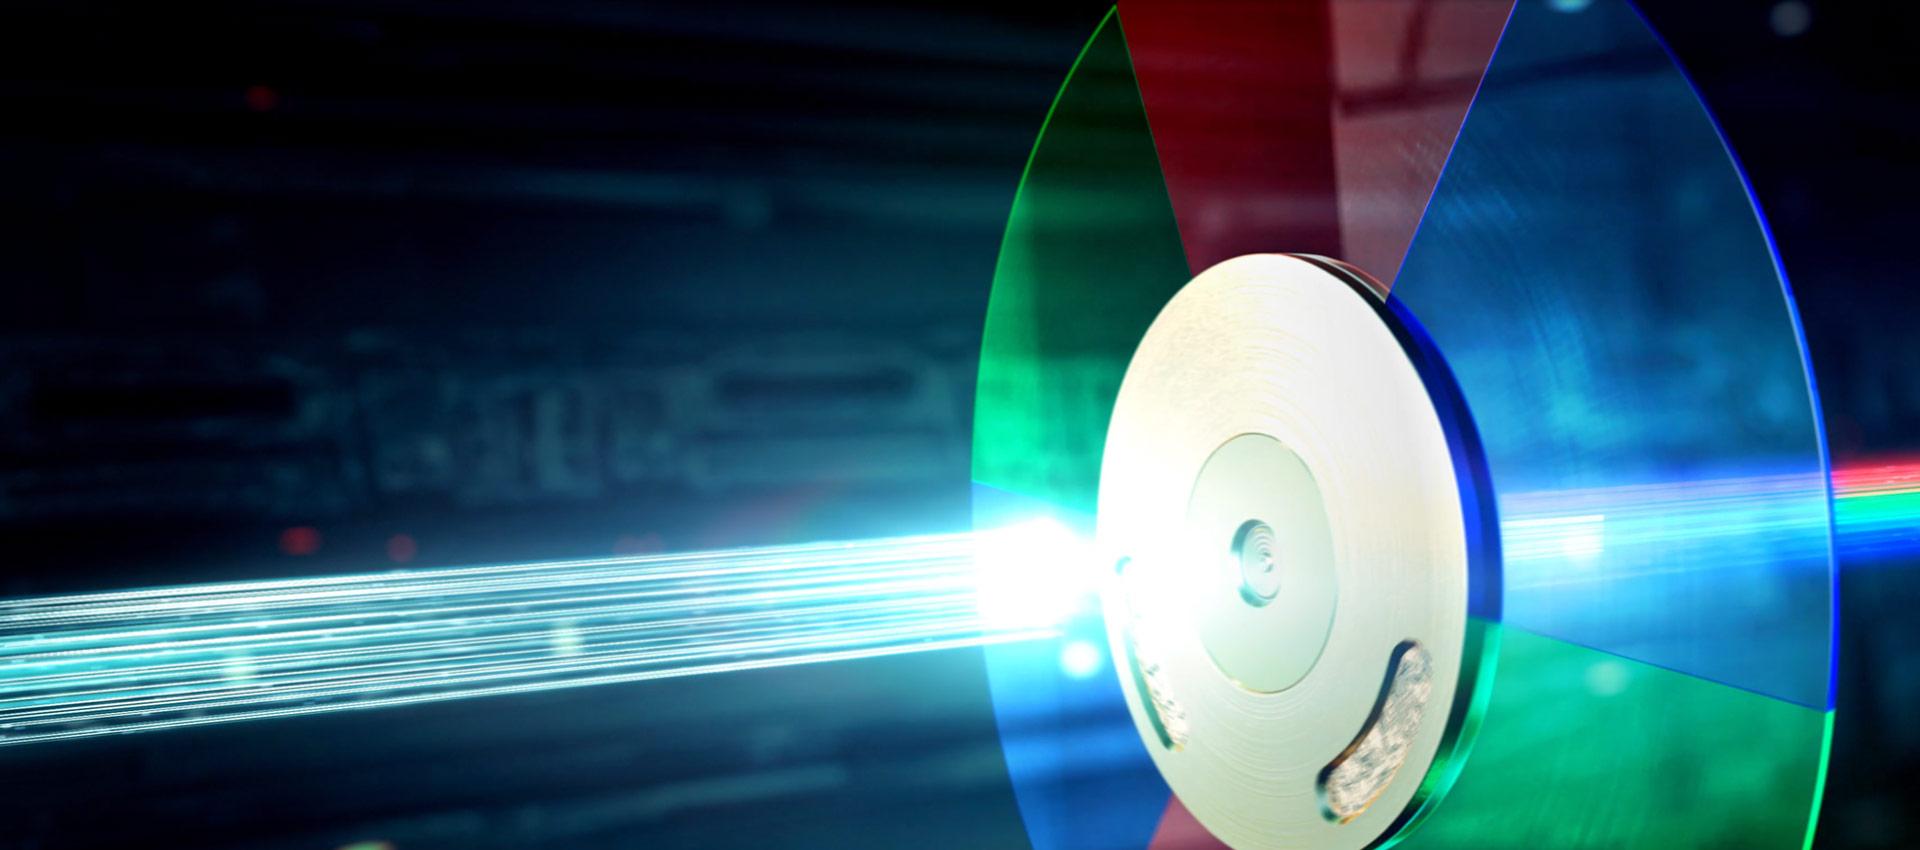 CinematicColor™, per vedere i colori come li ha voluti il regista